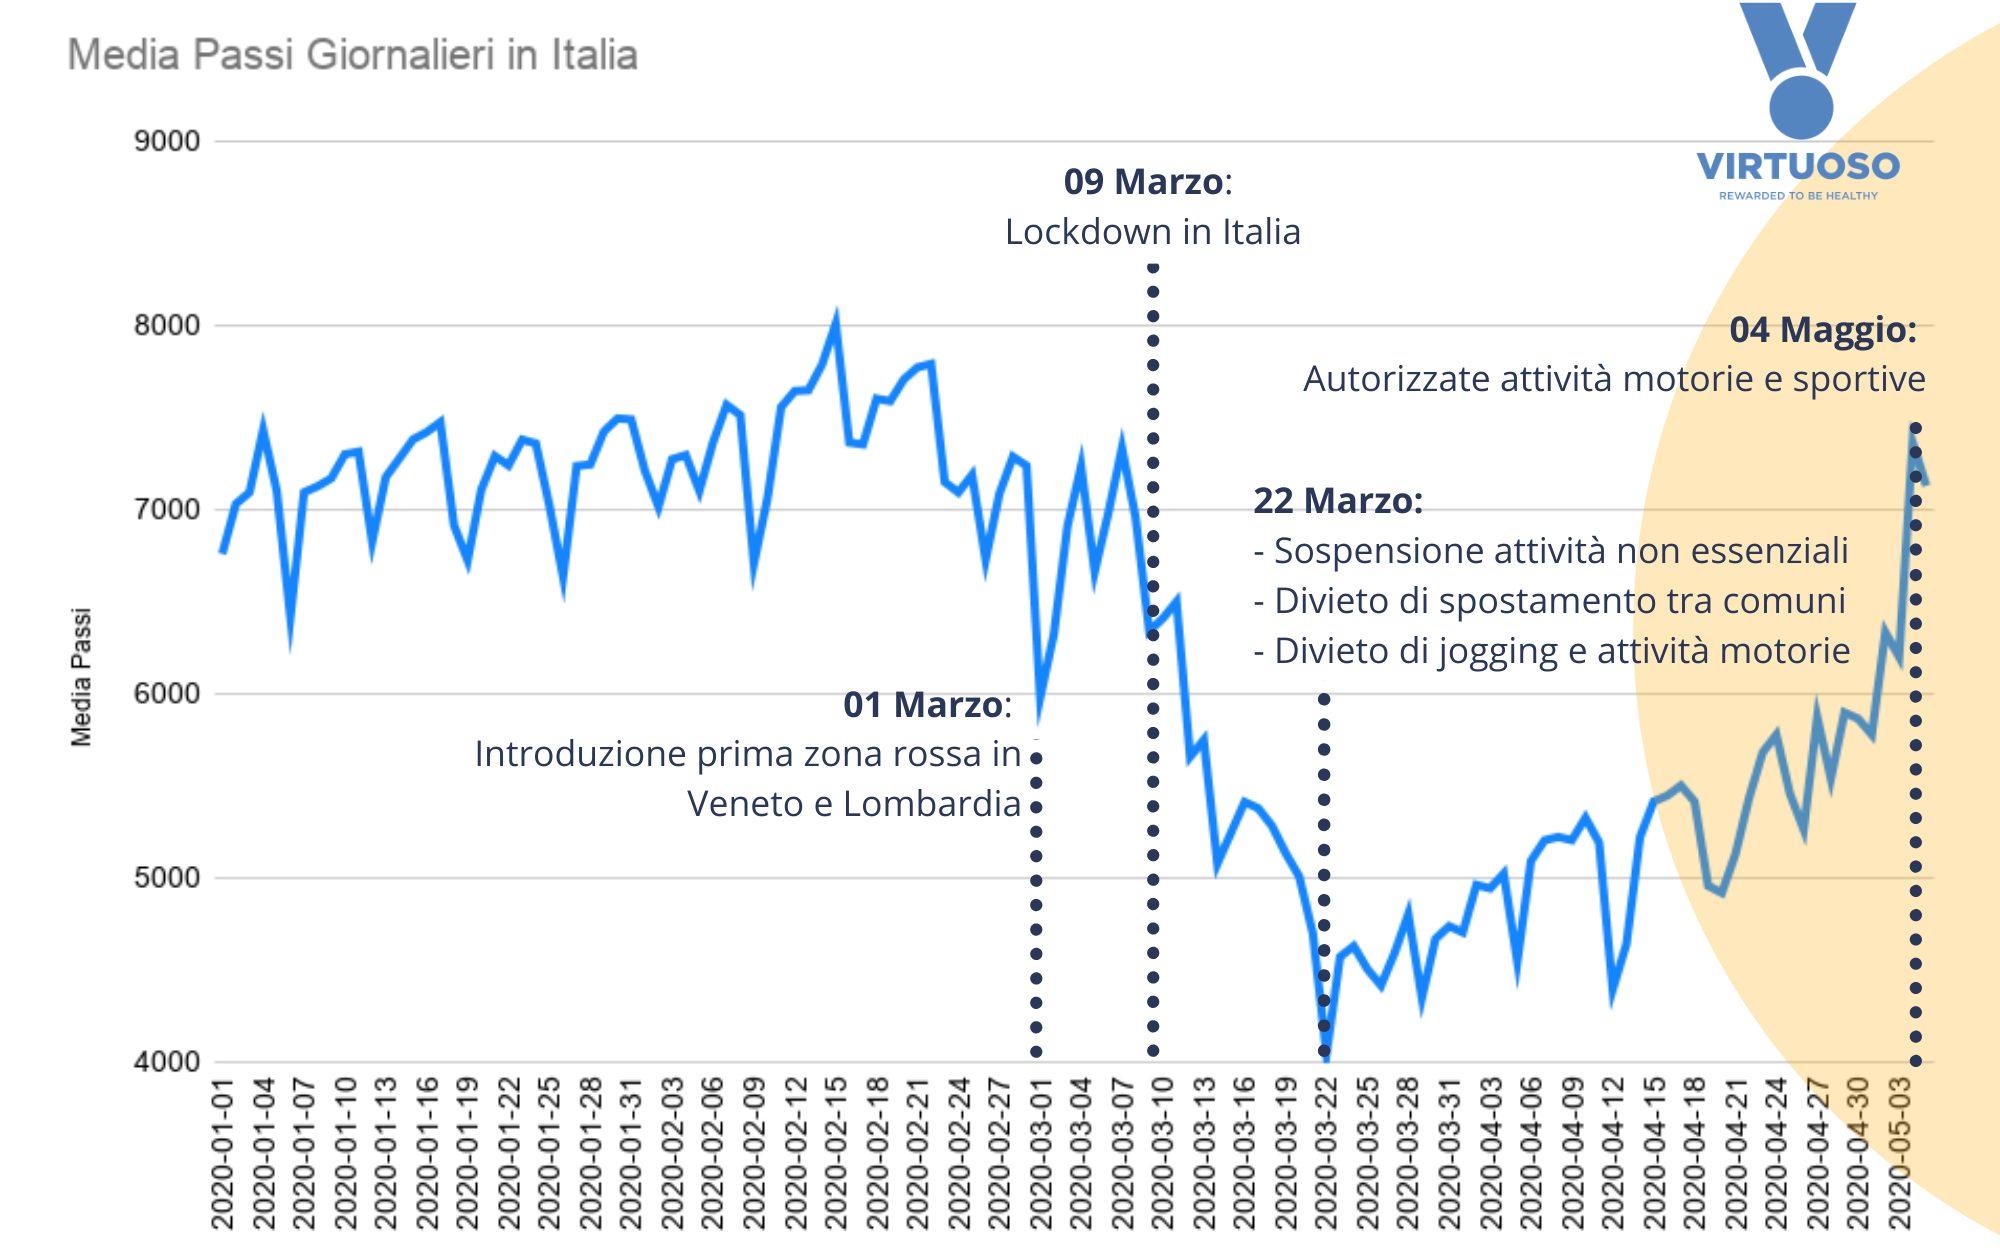 L'analisi di Virtuoso sui movimenti degli italiani: boom per yoga e pilates thumbnail